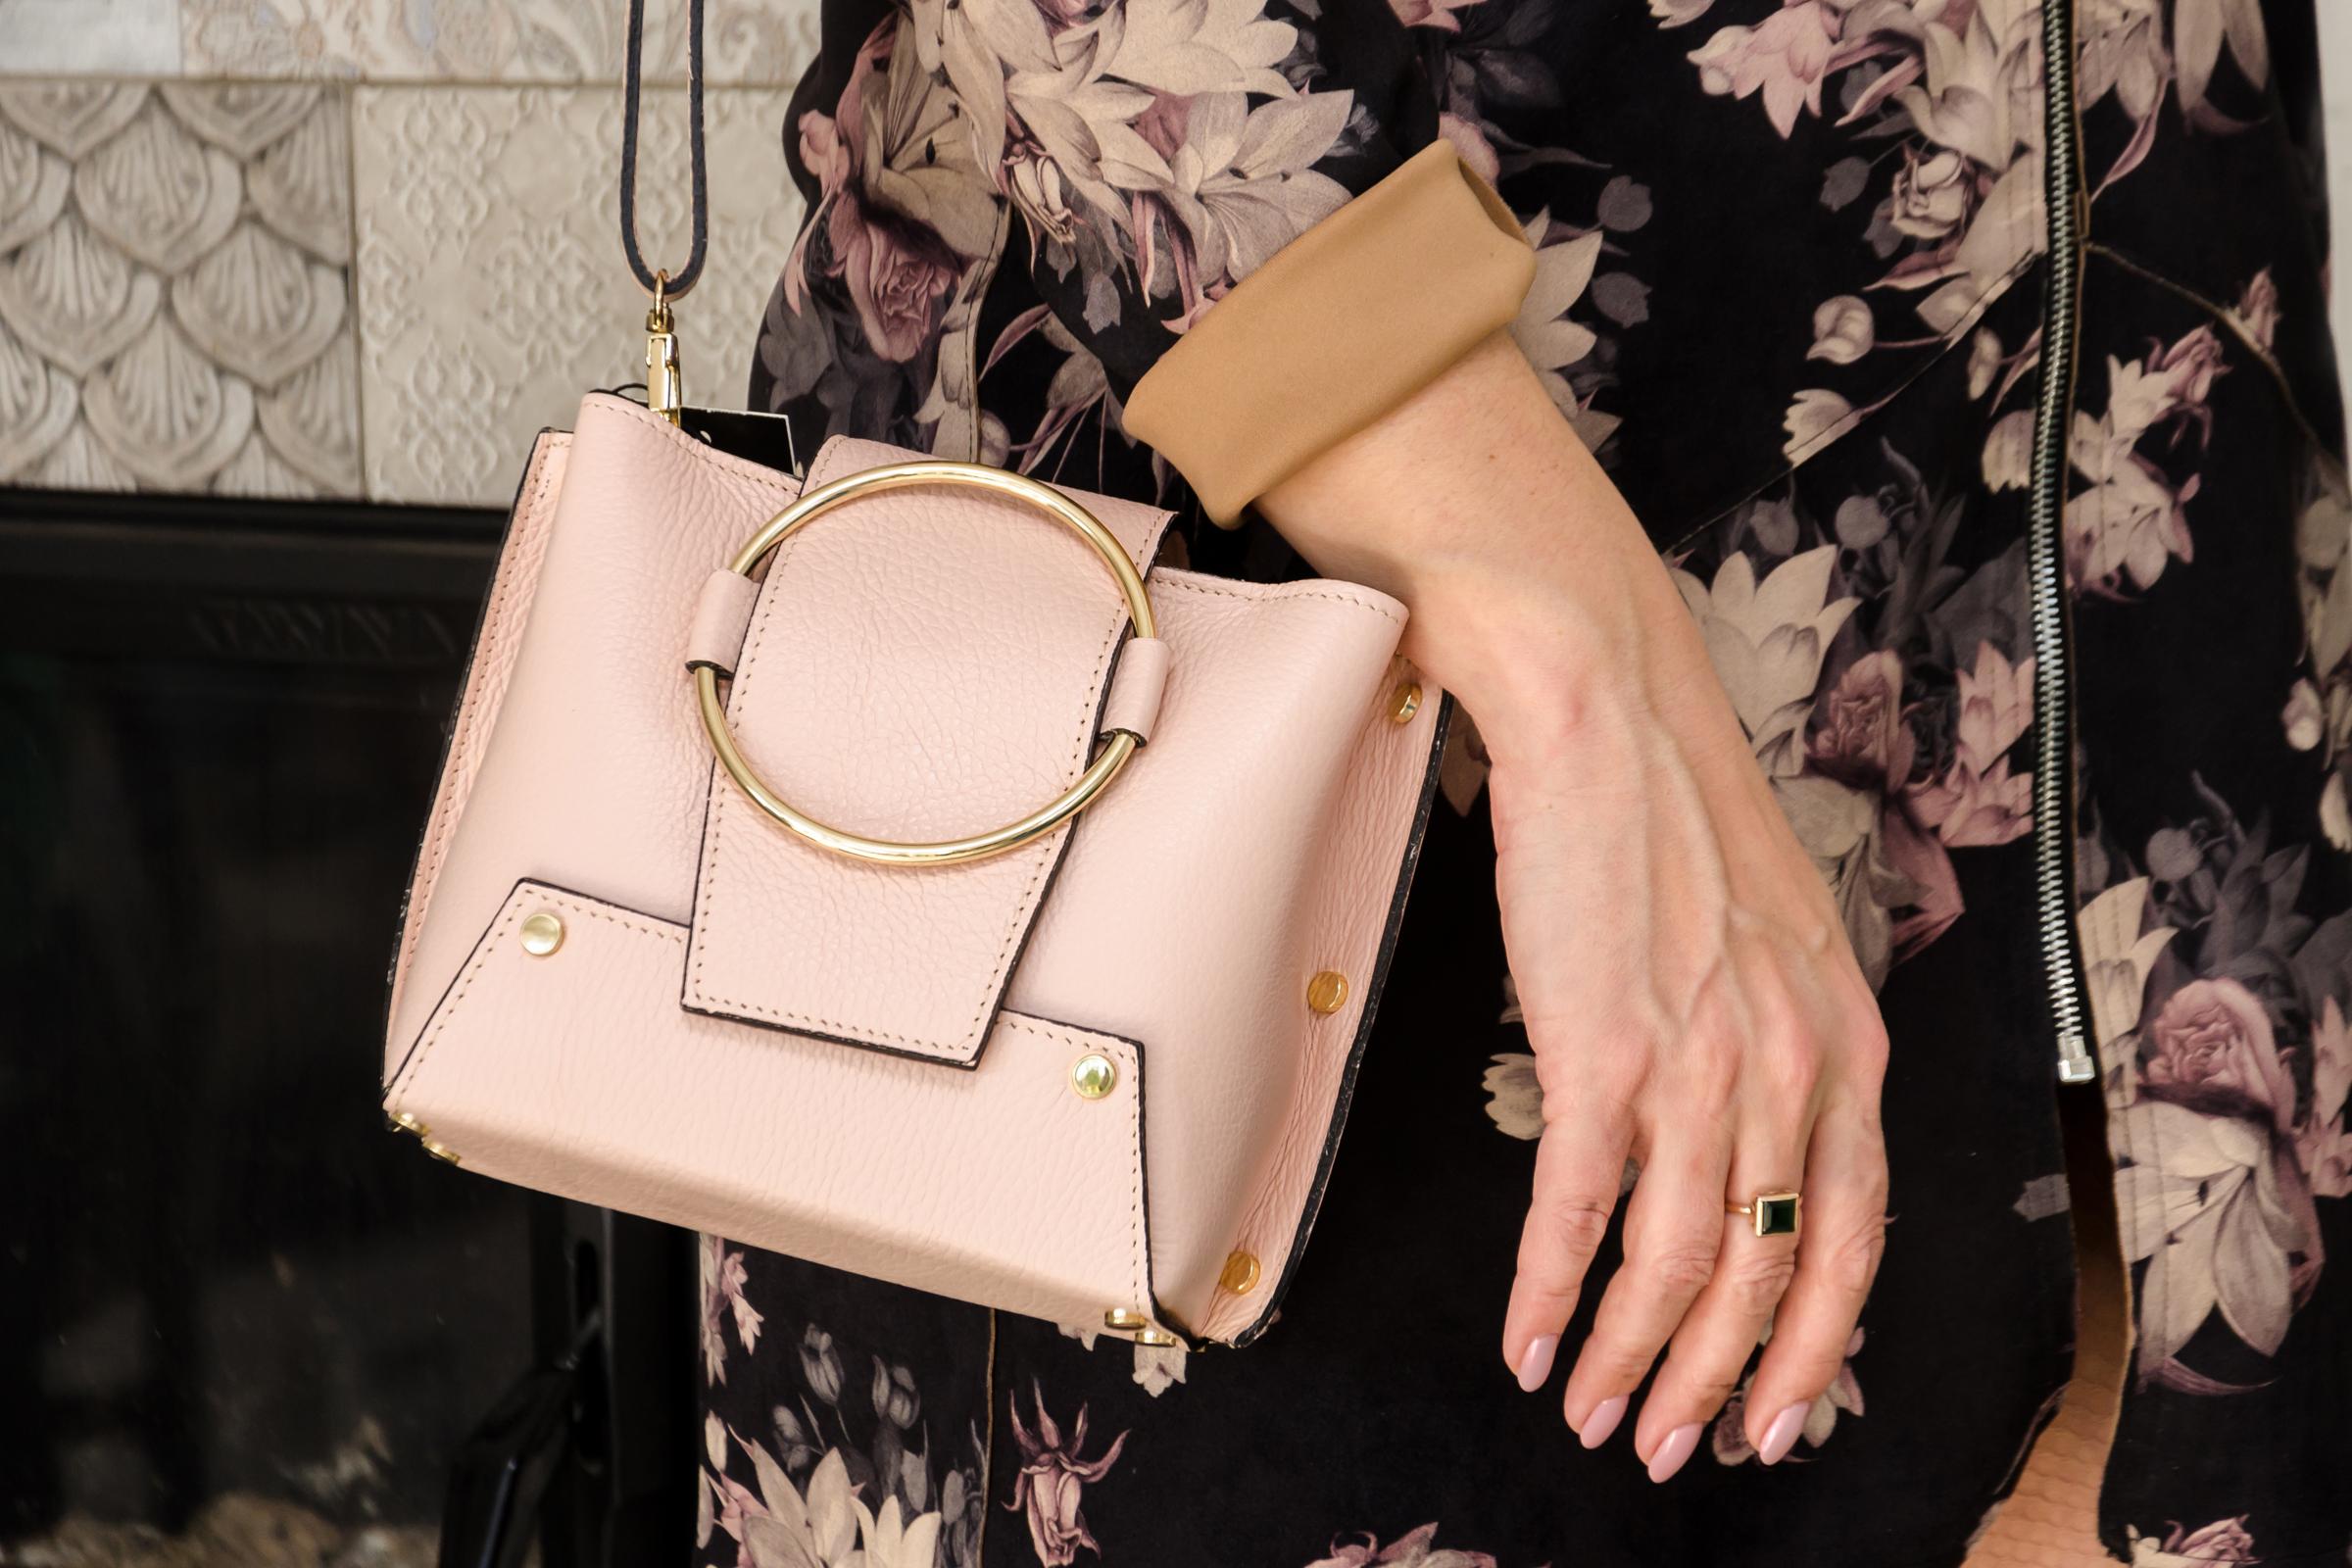 3d7d67b01b Amputált lábából származó bőrből akar táskát varratni egy nő (18+)